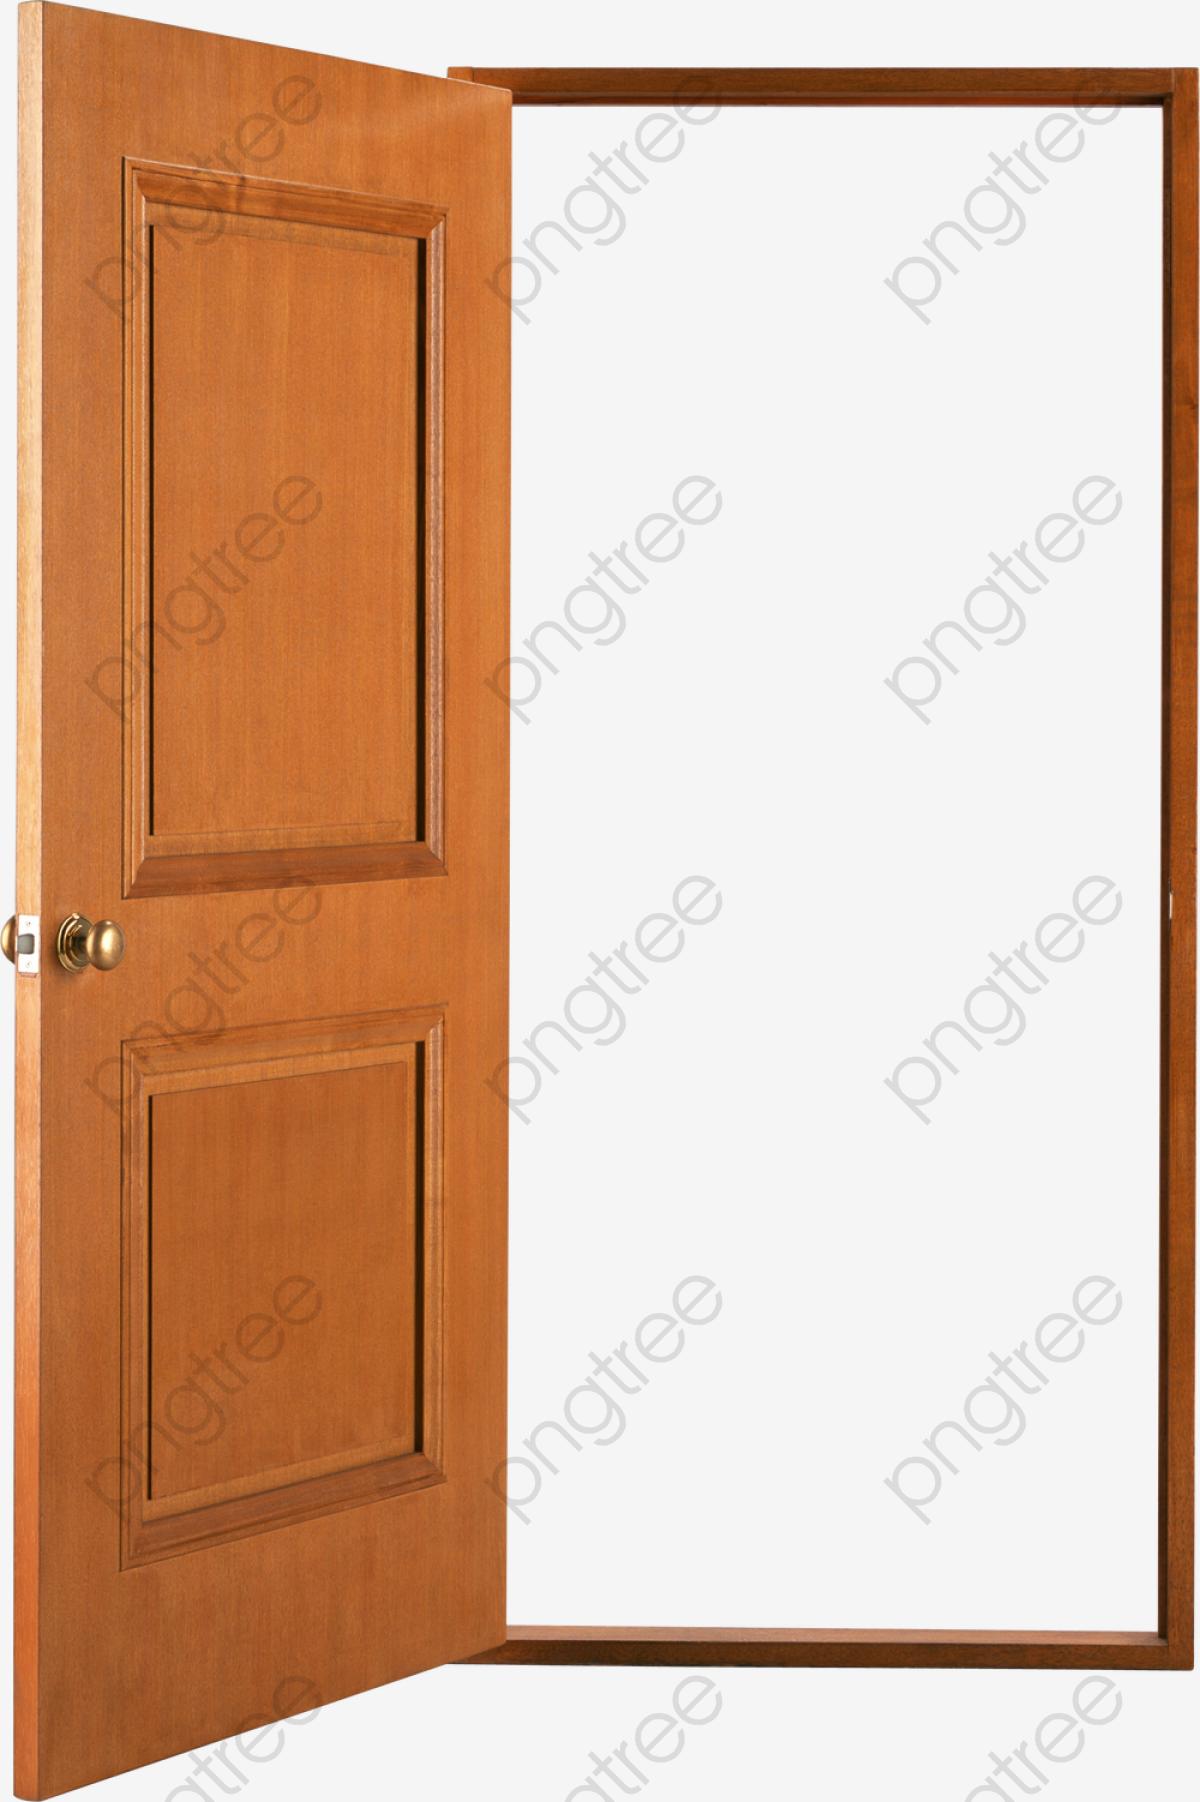 A Porta, Portas E Janelas, O Portal, Portas De Segurança.